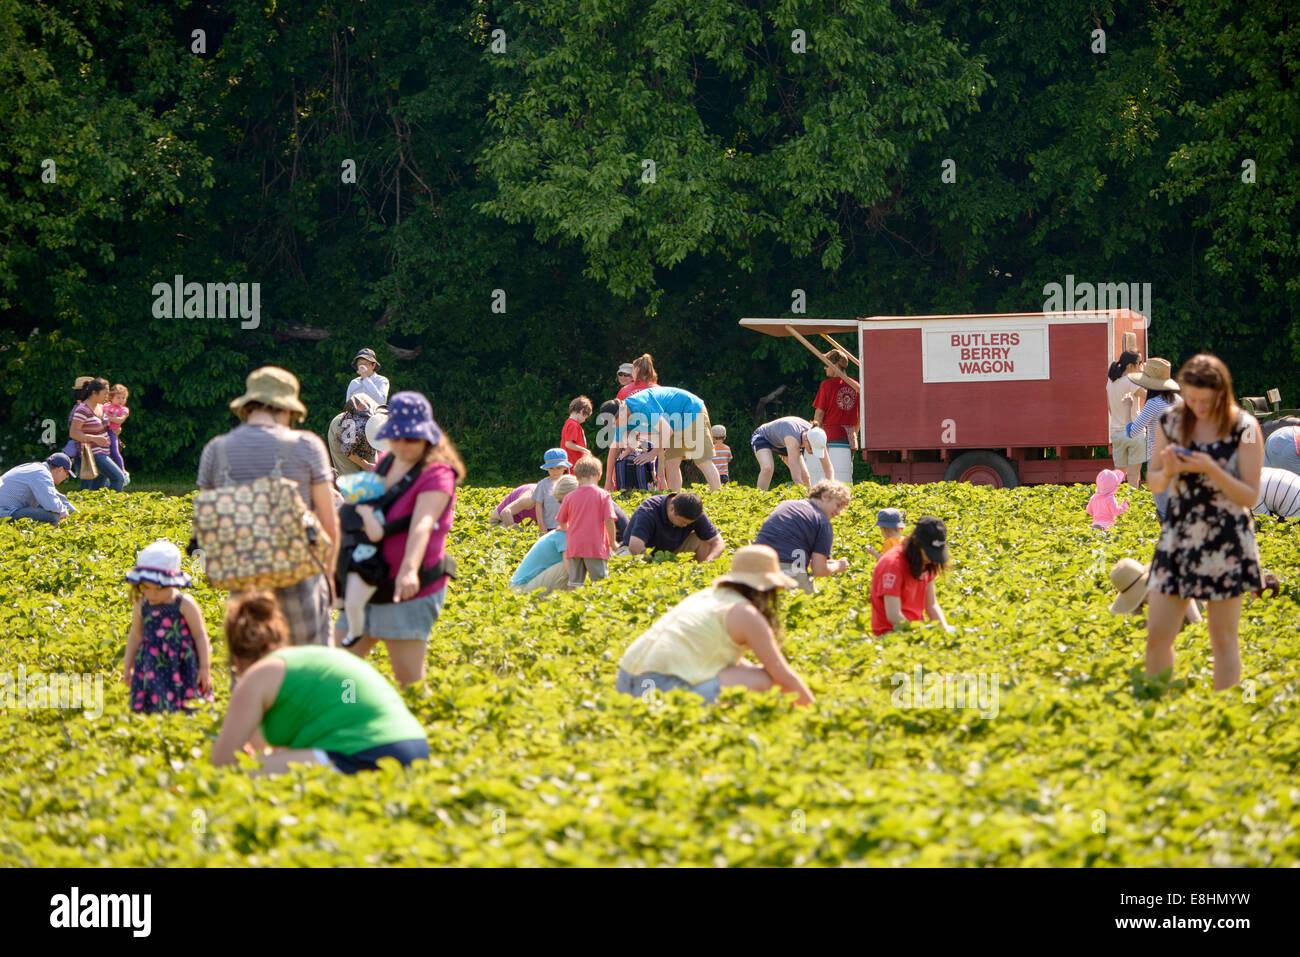 Butler's Orchard, en Germantown, MD, abre sus campos frutales para los visitantes a elegir su propio fresas, Imagen De Stock